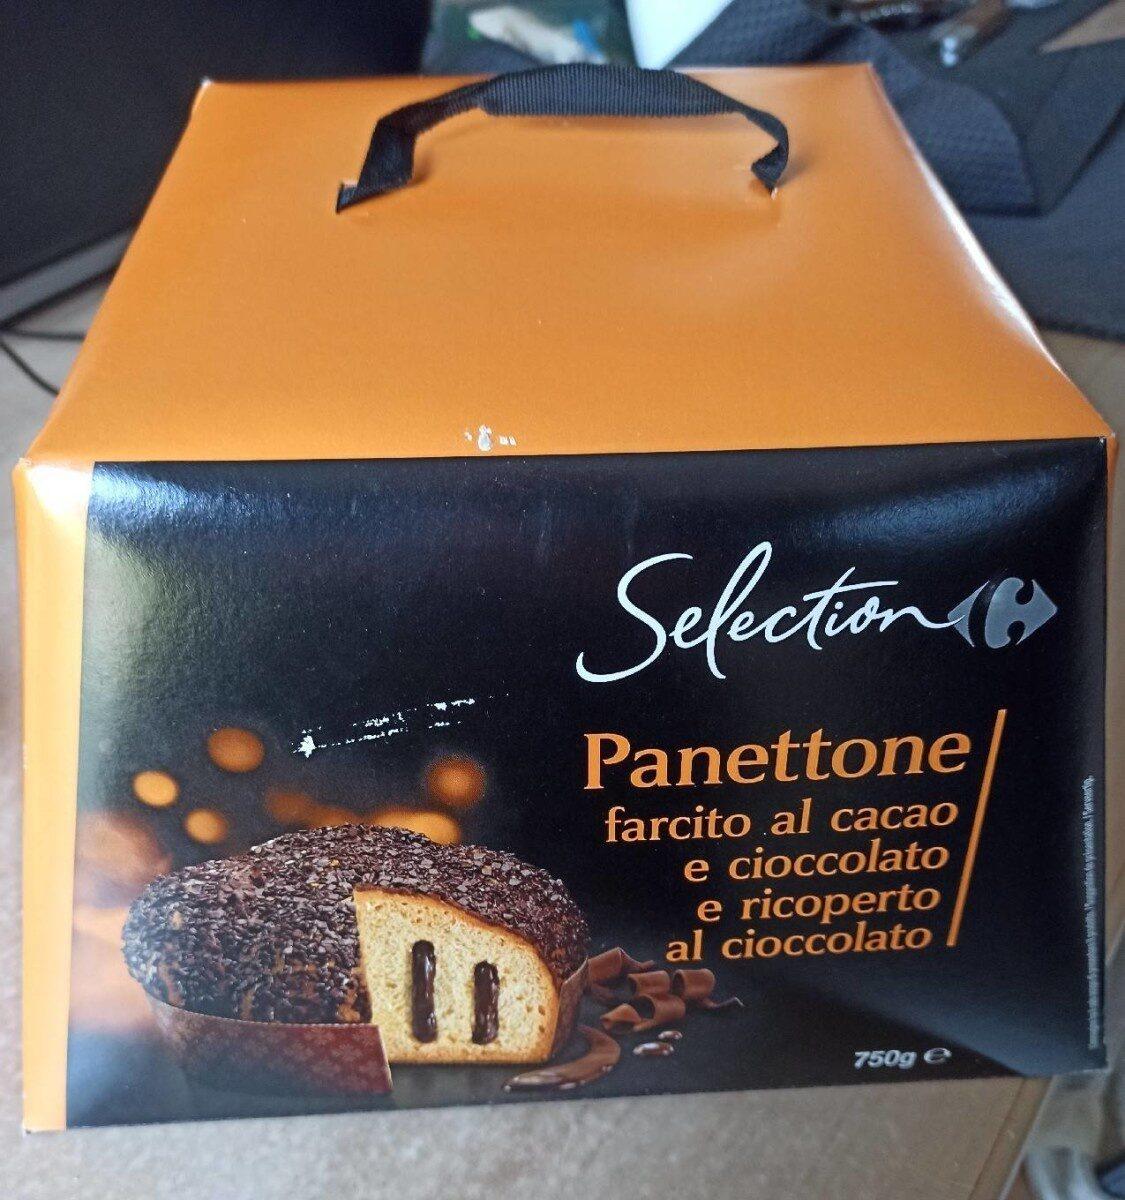 Panettone fourré au cacao et chocolat noir - Produit - fr